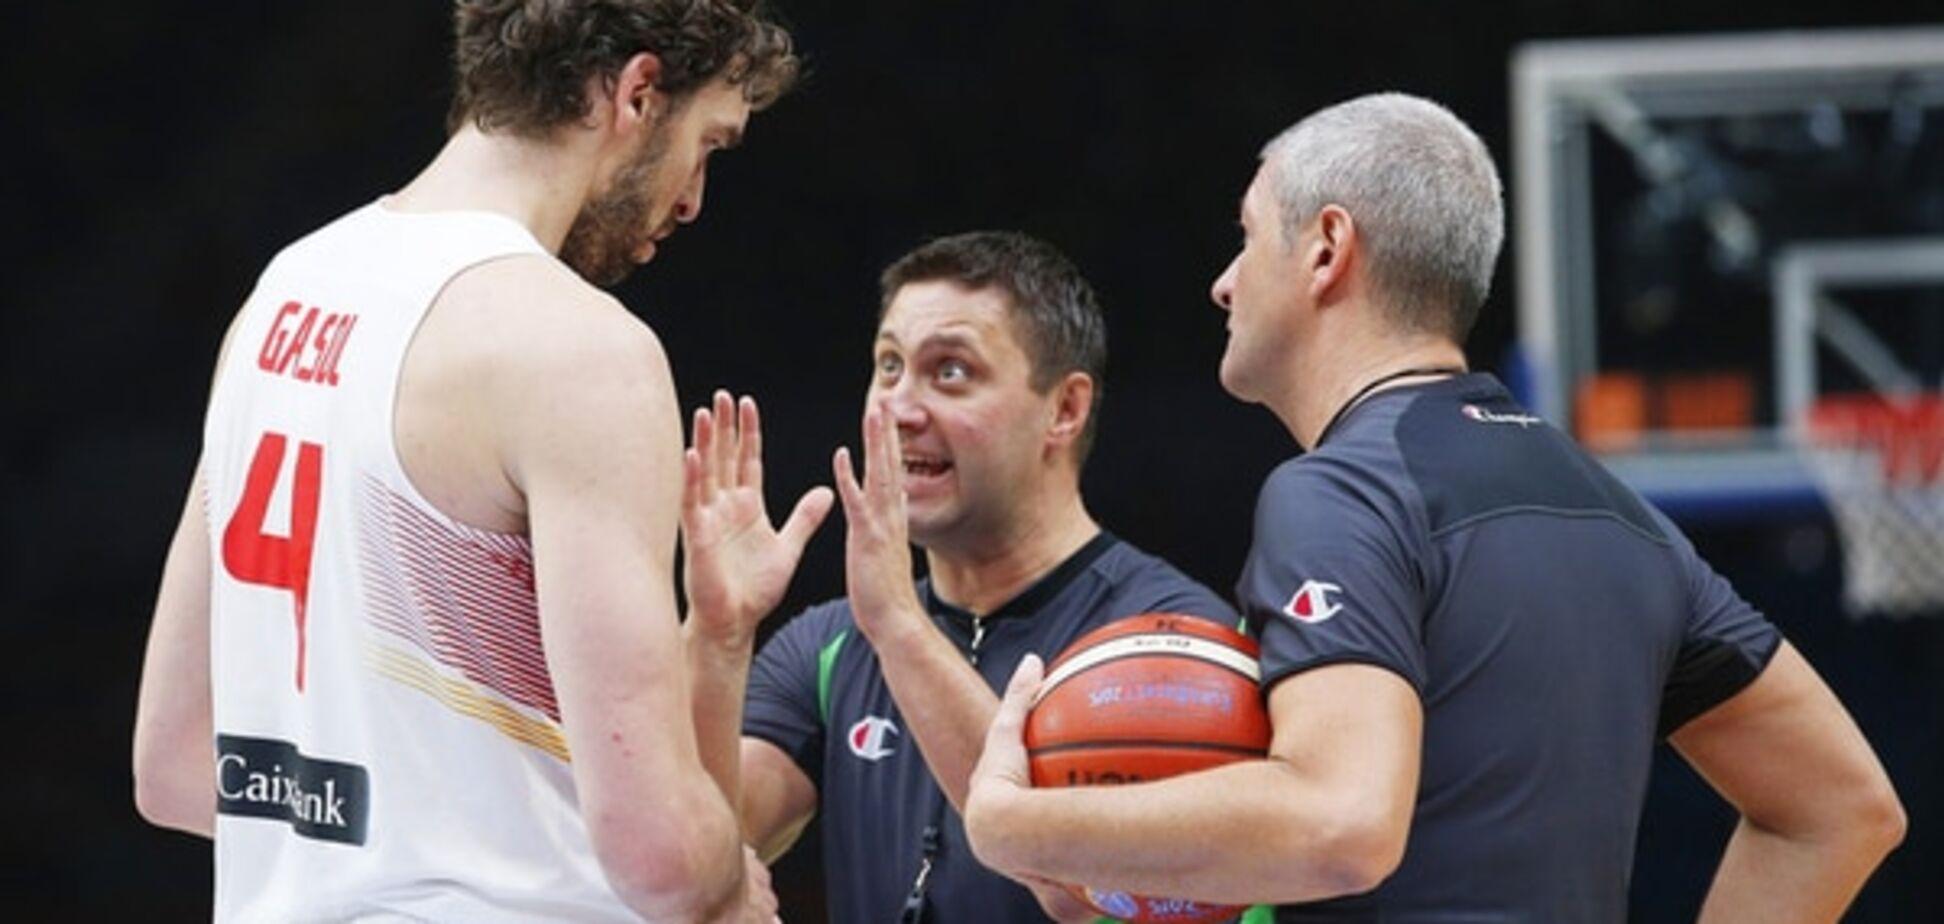 Болельщики на чемпионате Европы давили на нас – украинский арбитр